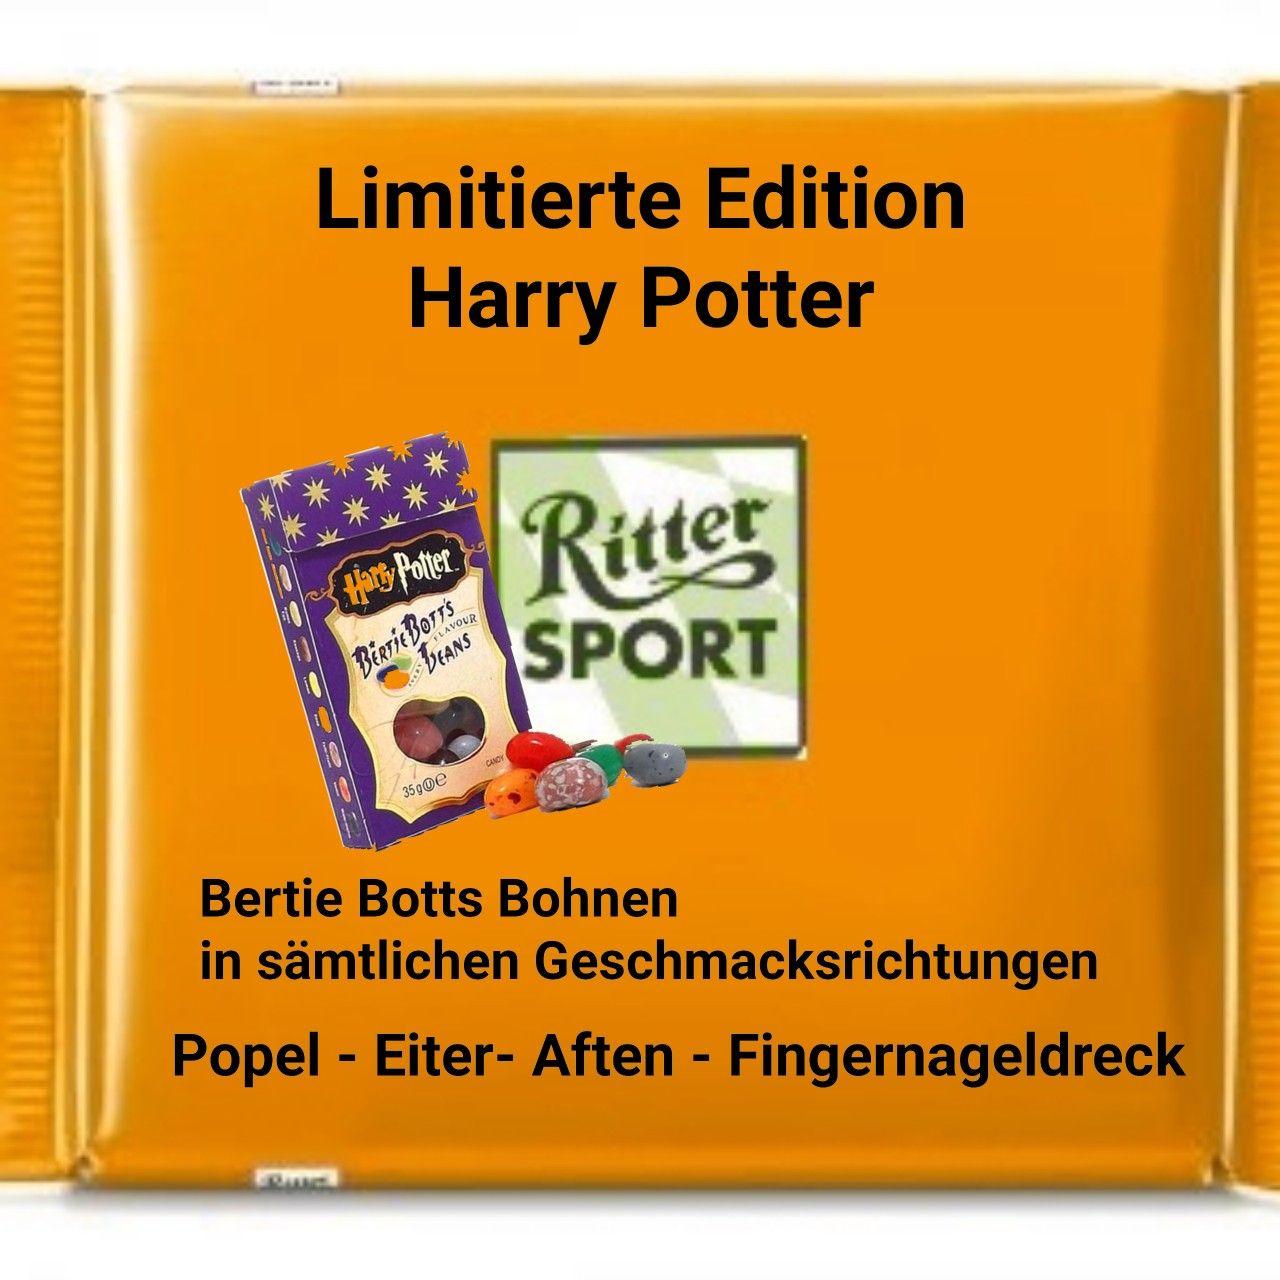 Ritter Sport lustig witzig Sprüche Bild Bilder. Harry ...